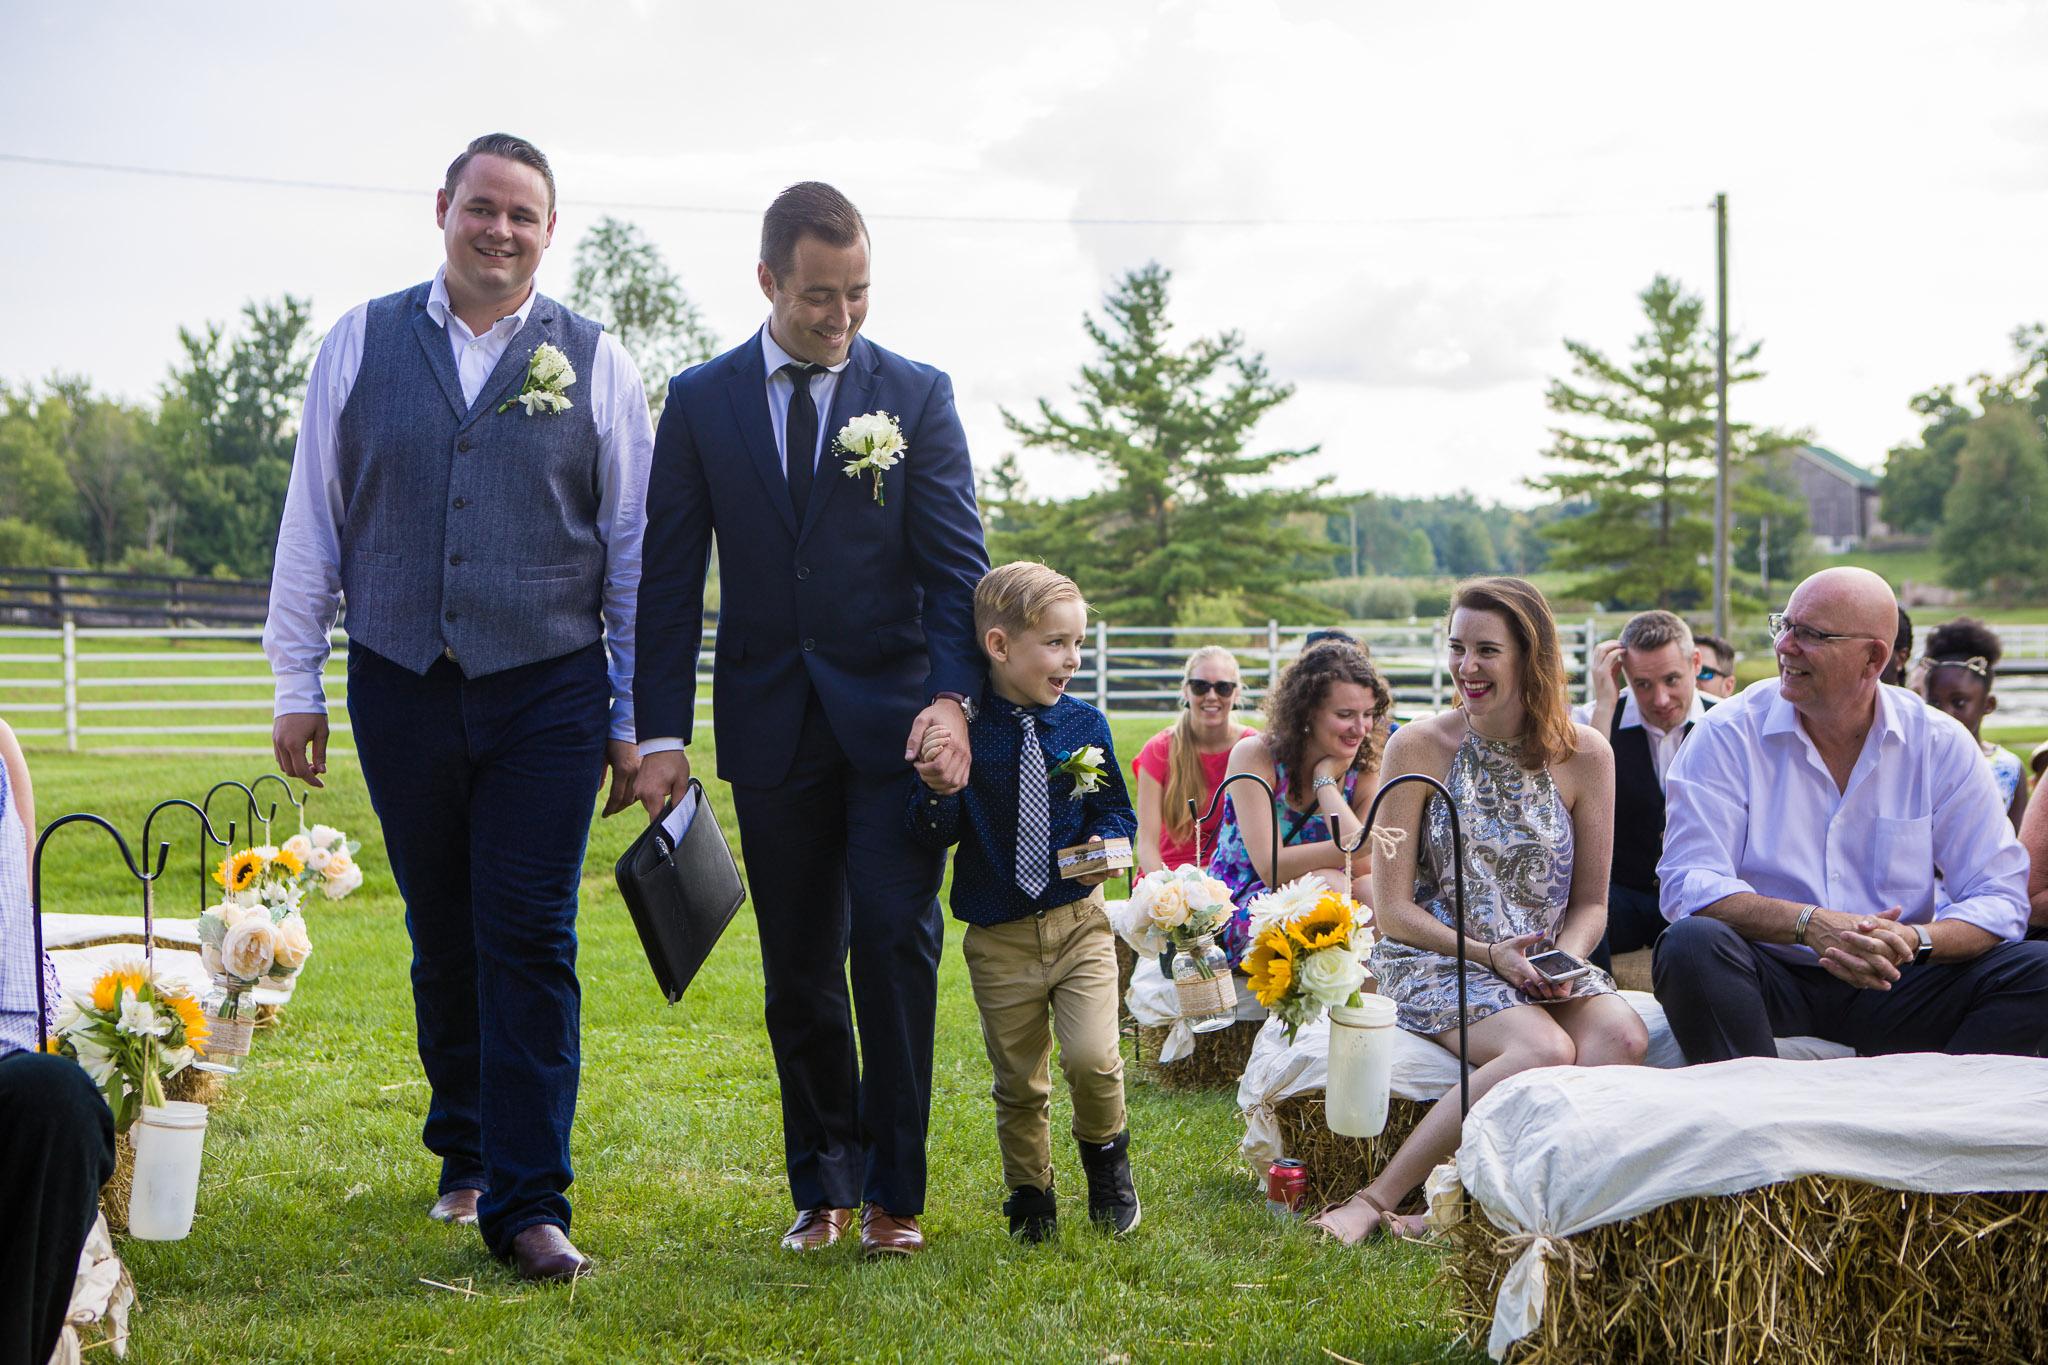 katy-aleks-wedding-shayne-gray-7308.jpg